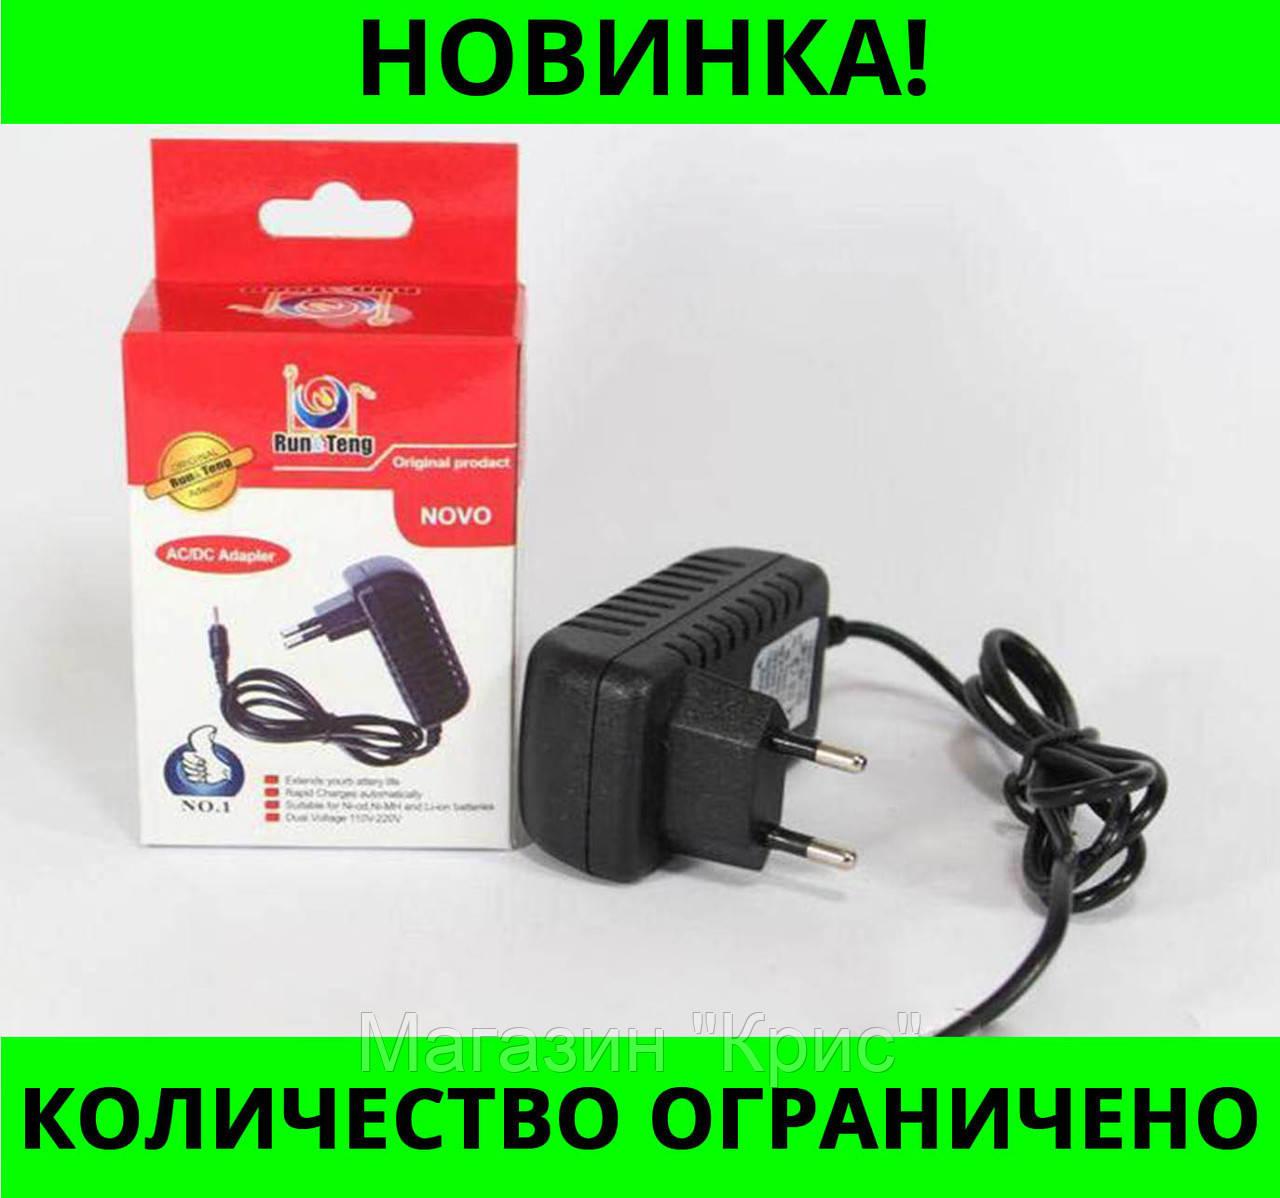 Адаптер 5V 2A (разъём 5.5*2.1mm)! Распродажа